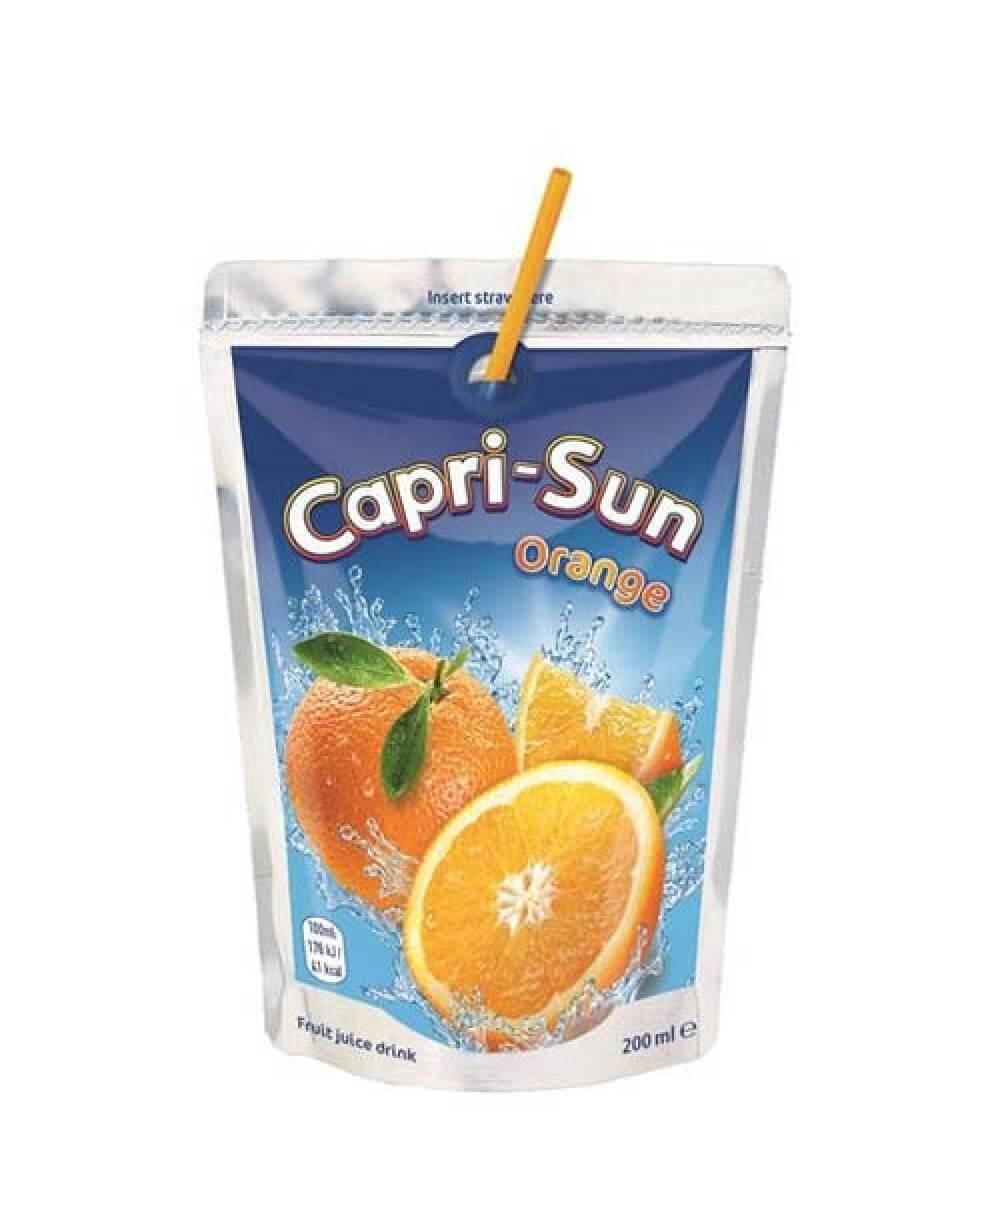 Capri Sun Orange 100ml